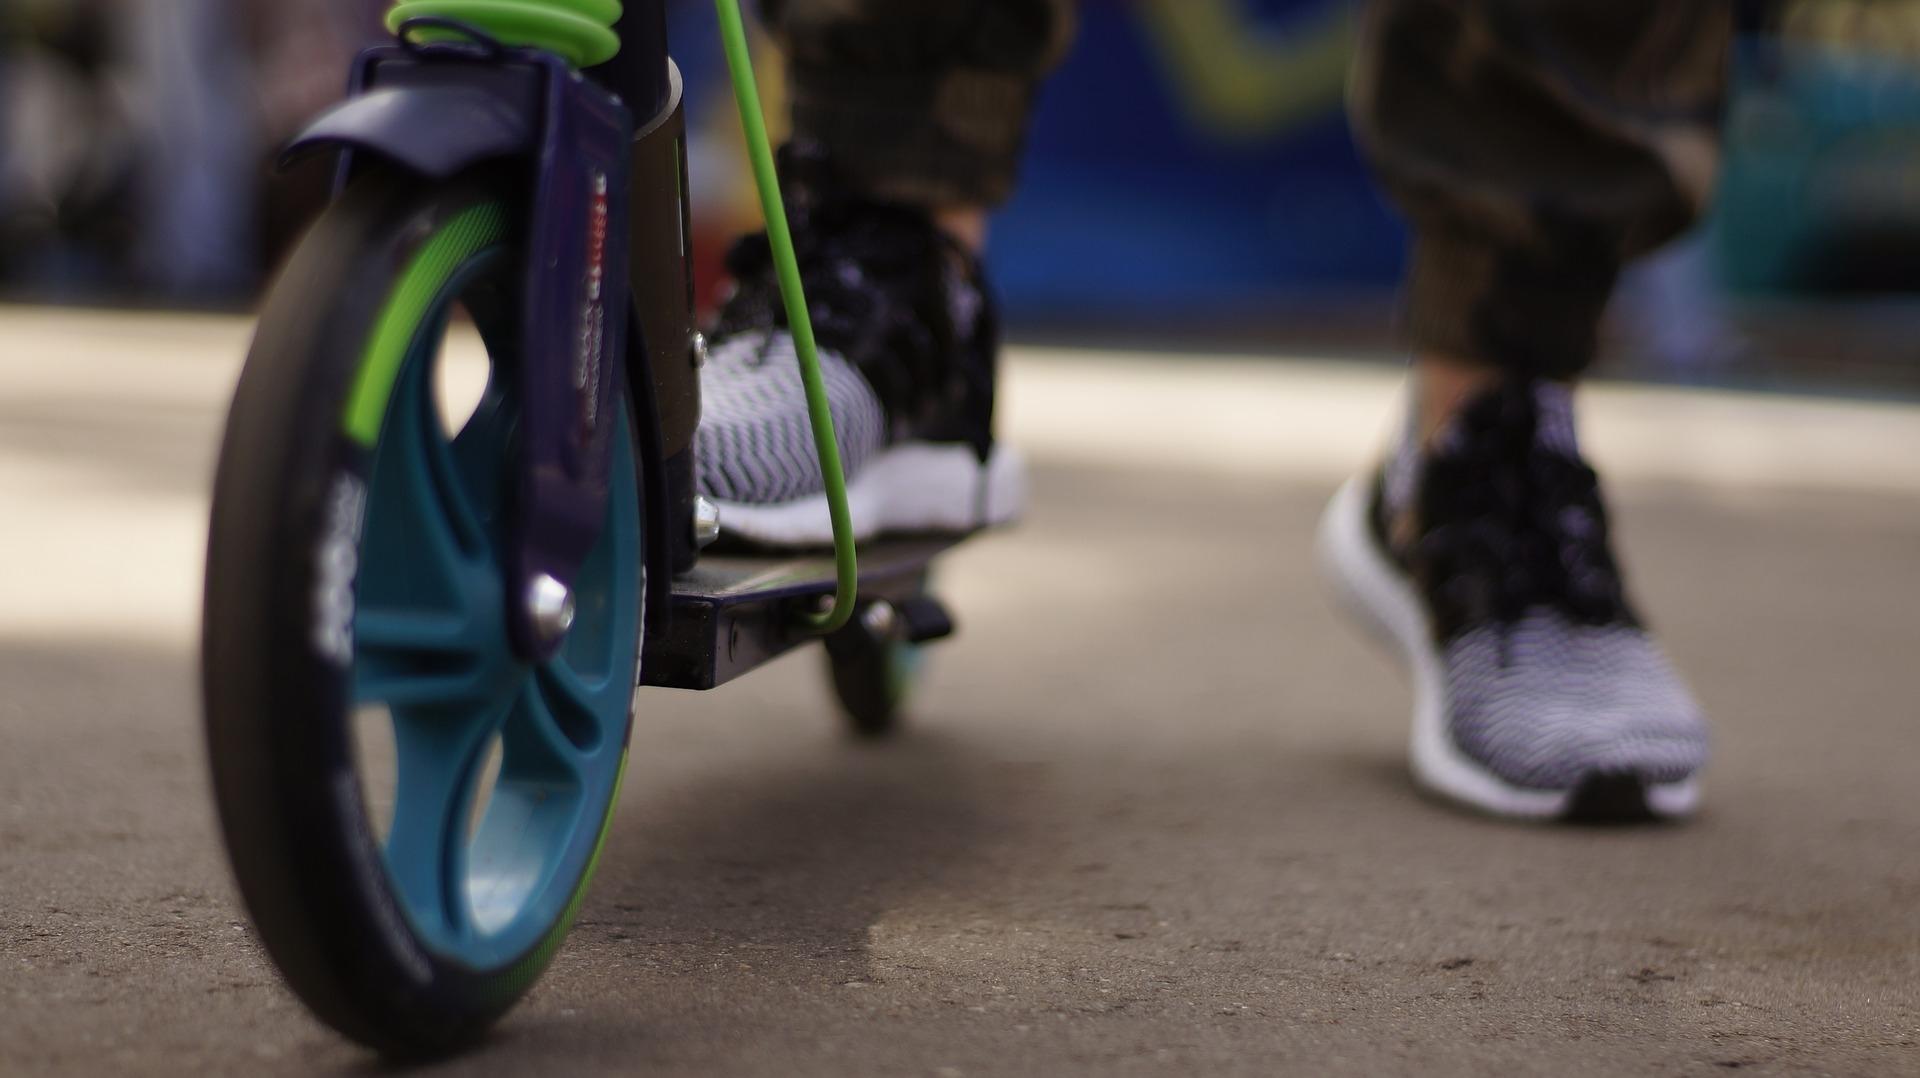 電動滑板車的前輪